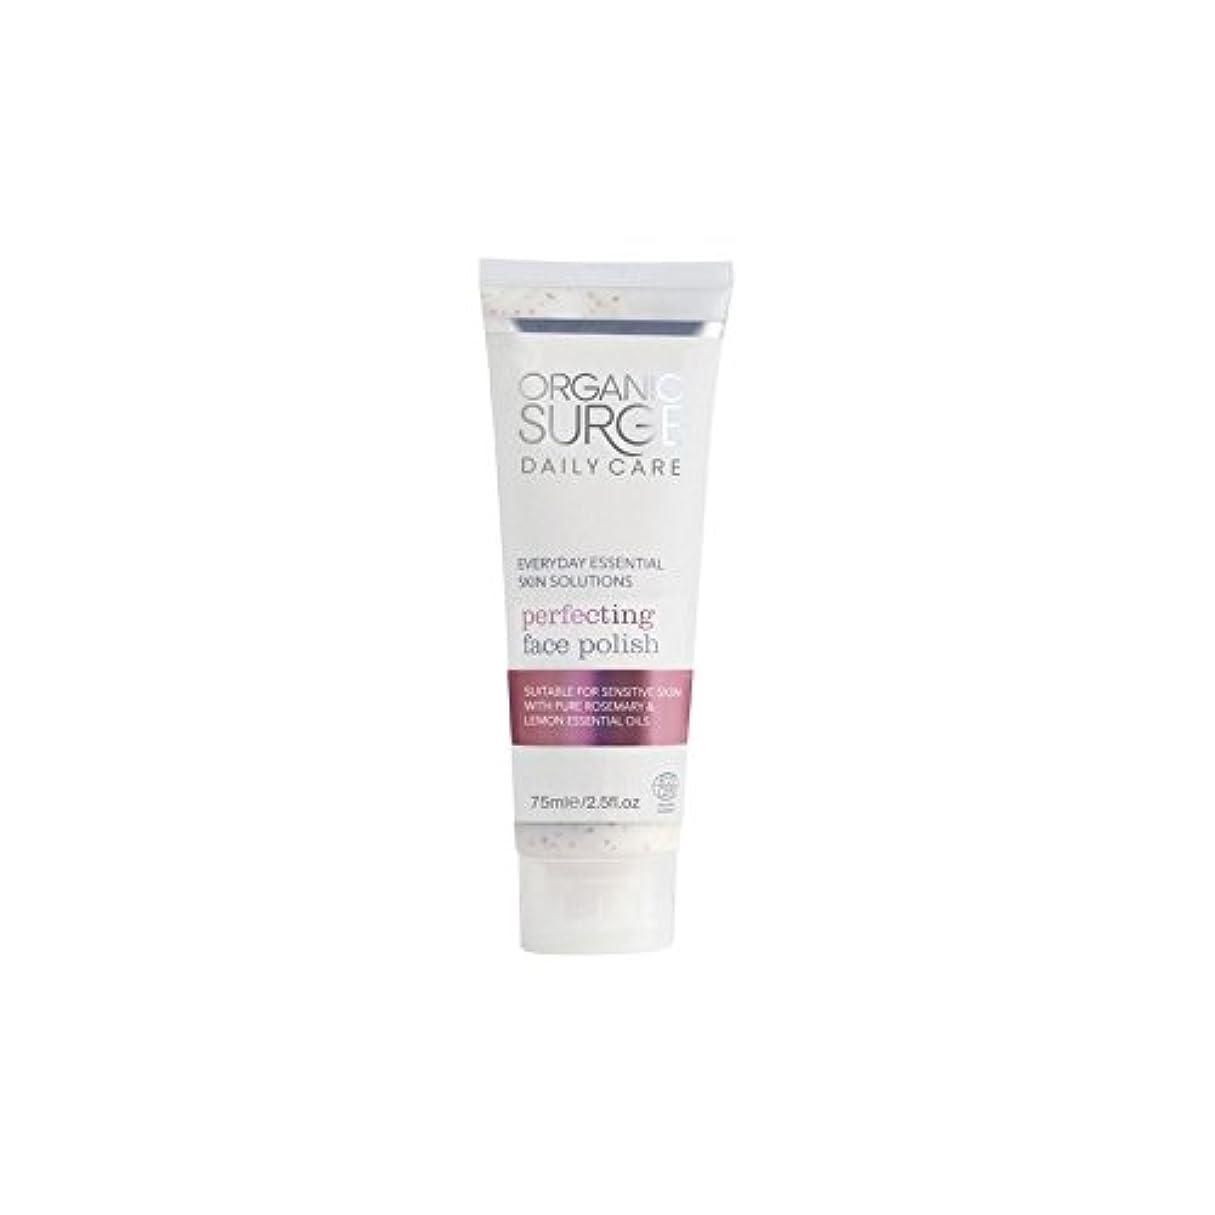 行列振り向く基本的な面研磨を完成有機サージ毎日のケア(75ミリリットル) x4 - Organic Surge Daily Care Perfecting Face Polish (75ml) (Pack of 4) [並行輸入品]